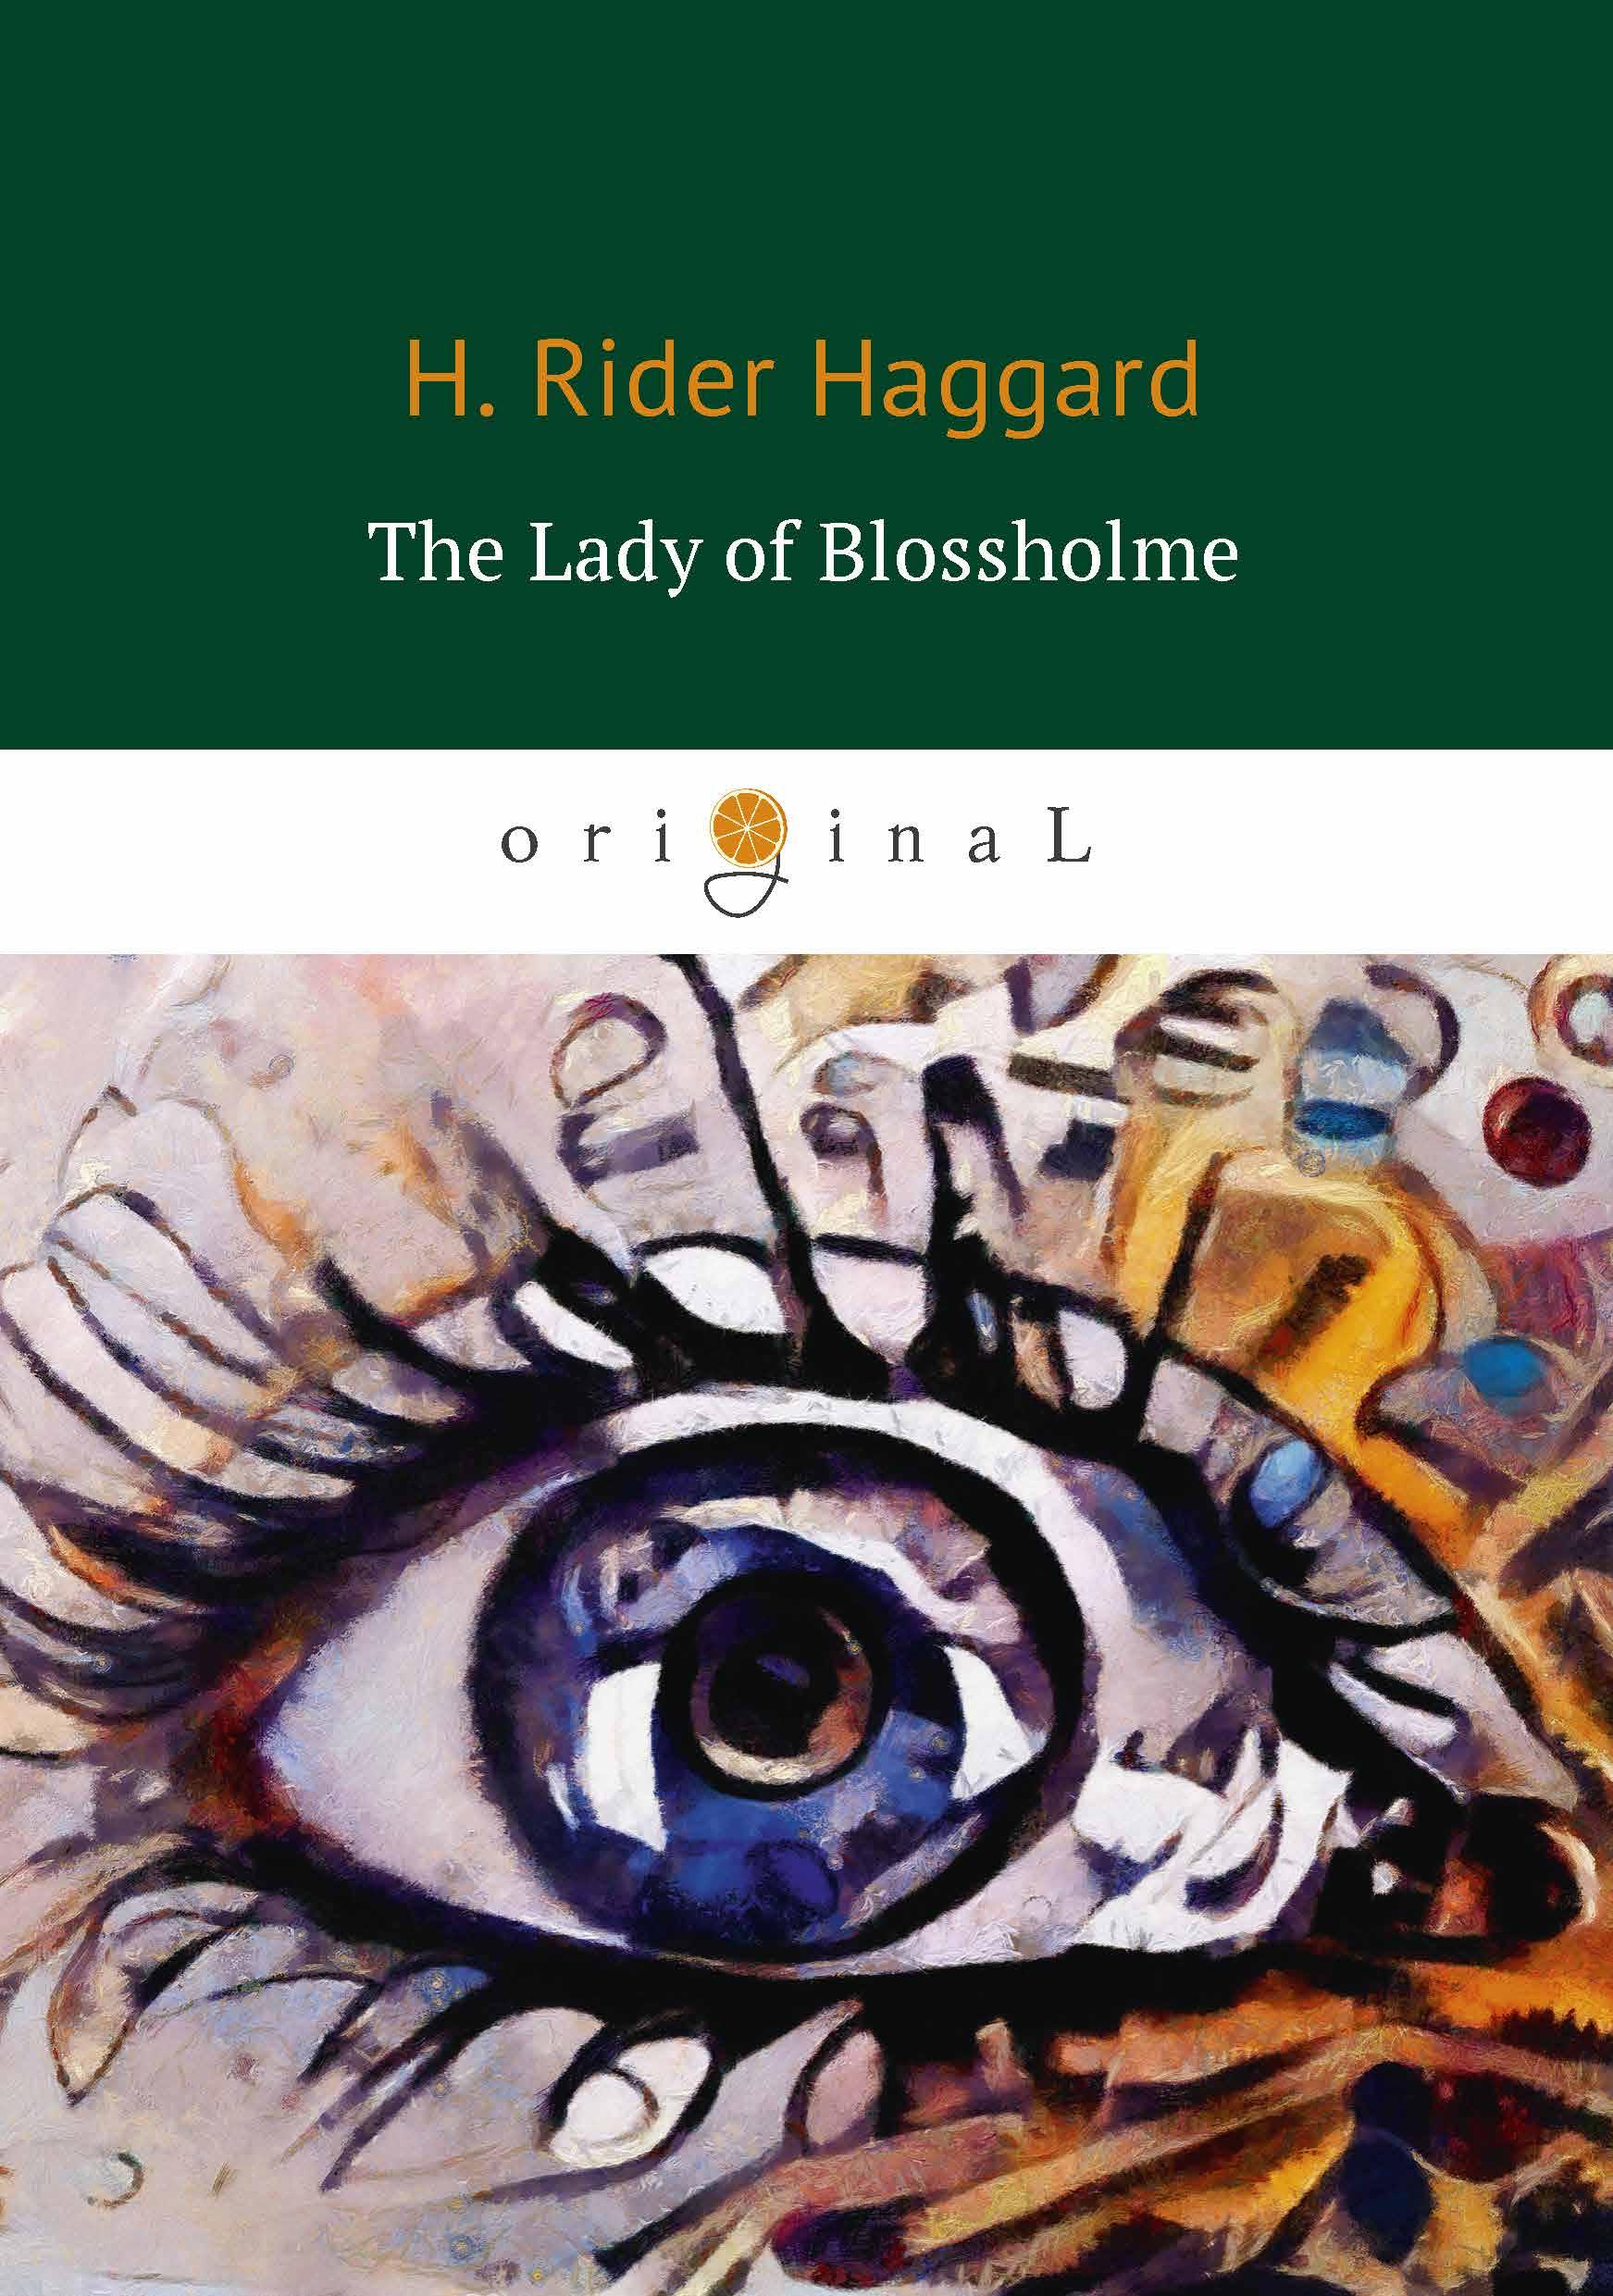 лучшая цена H. Rider Haggard The Lady of Blossholme (Хозяйка Блосхолма)